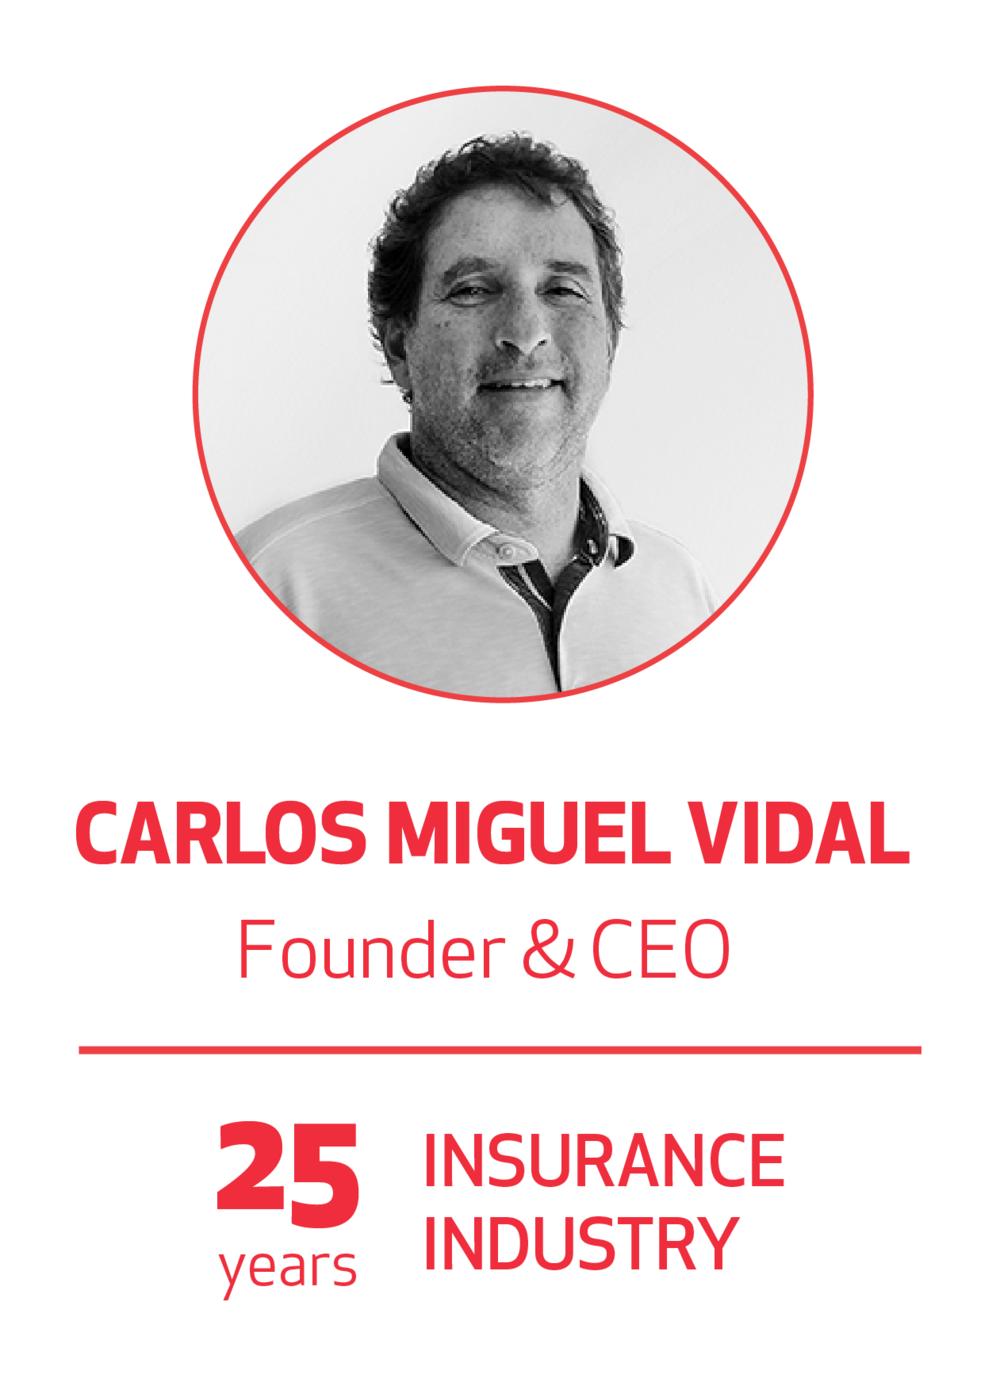 Carlos Miguel Vidal